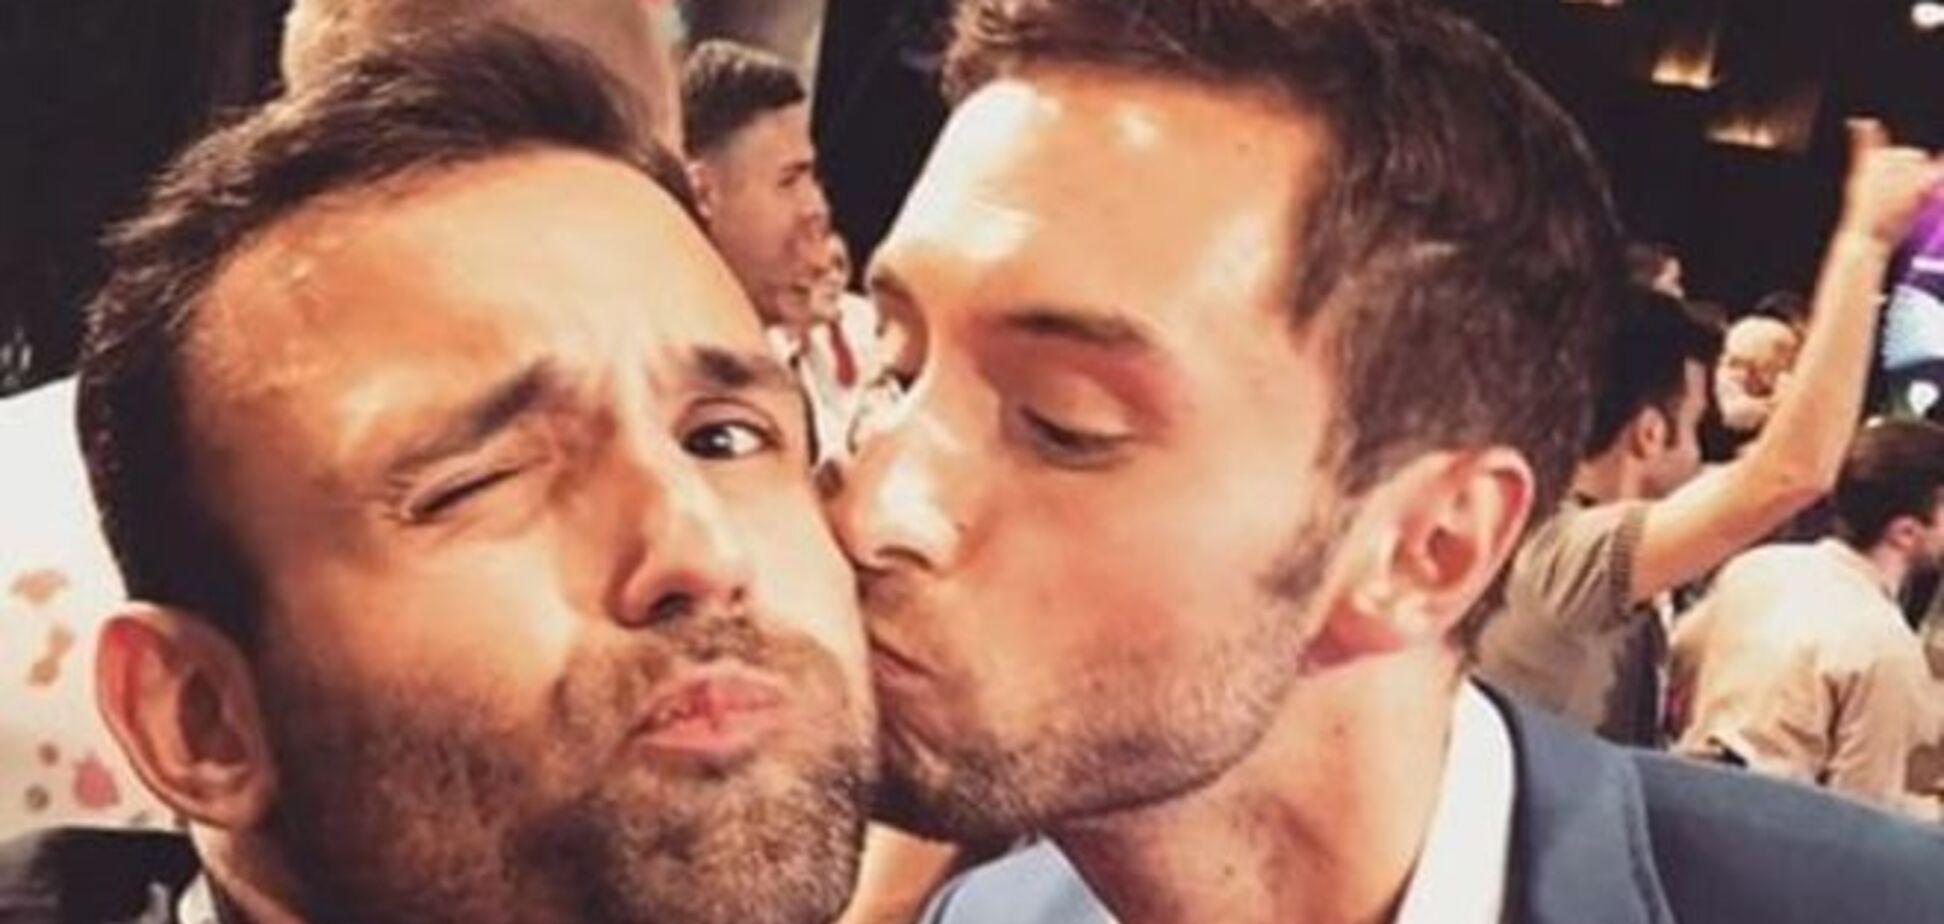 Обиженные РосСМИ раскопали гей-фото победителя 'Евровидения-2015'